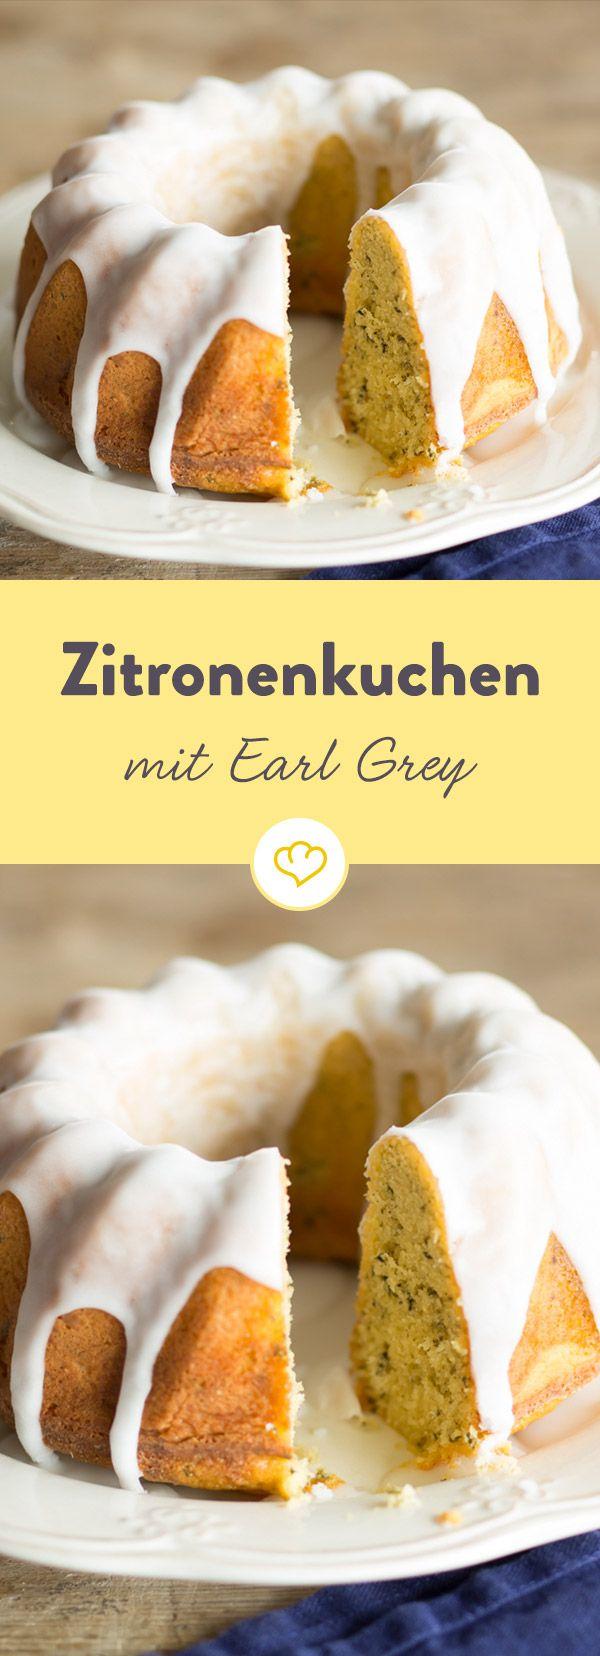 Herrlich duftender Earl Grey, dazu eine spritzige Zitronennote und fertig ist ein leckerer Kuchen.